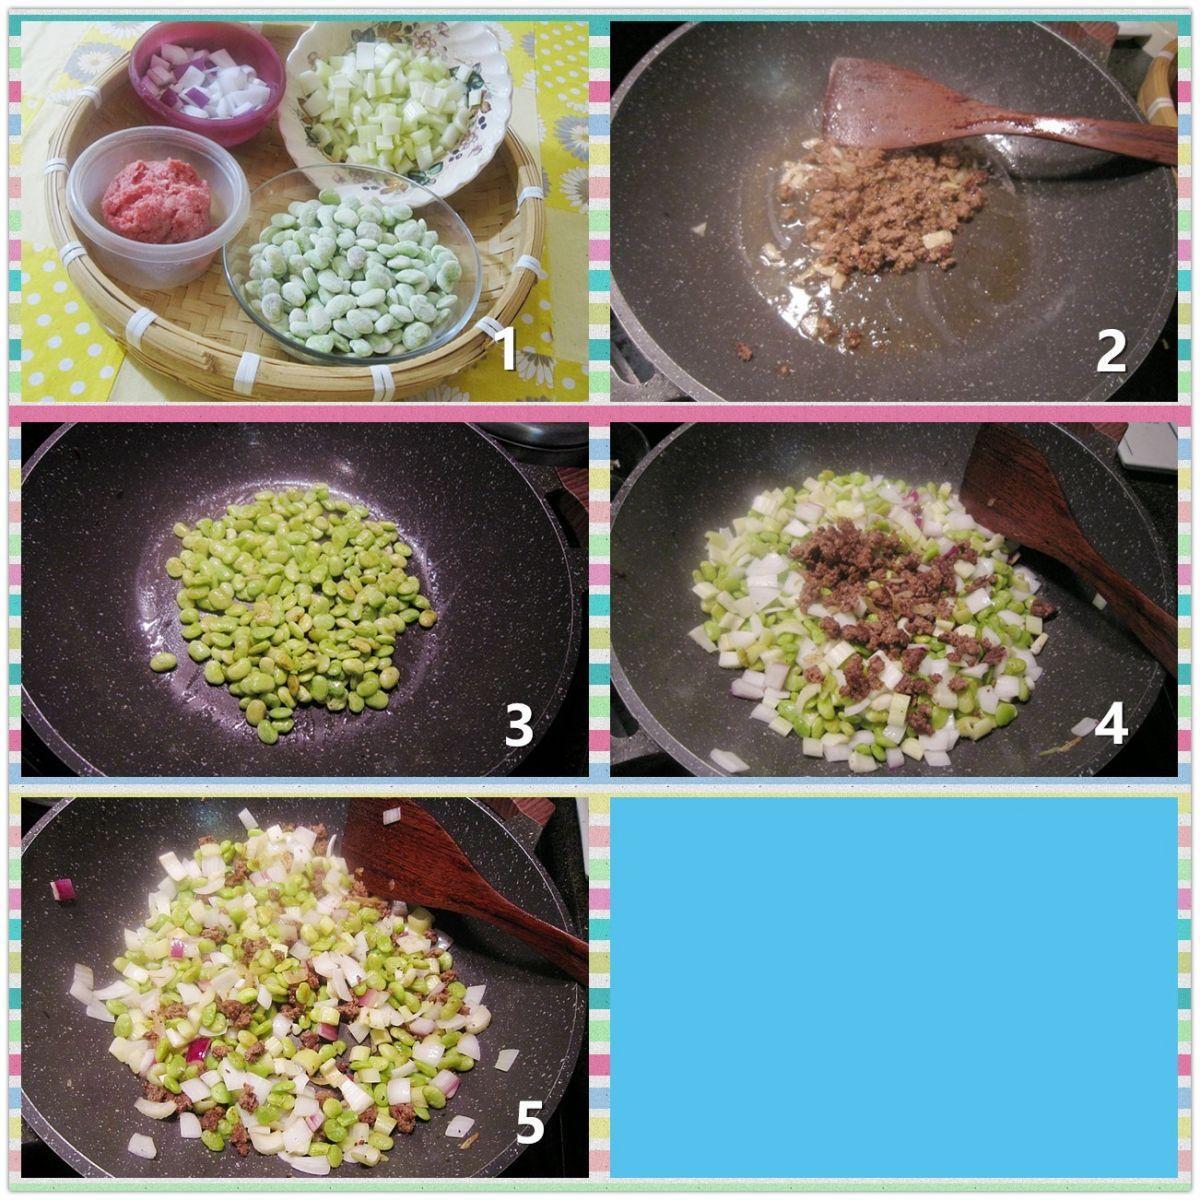 牛肉末炒蔬菜粒_图1-2